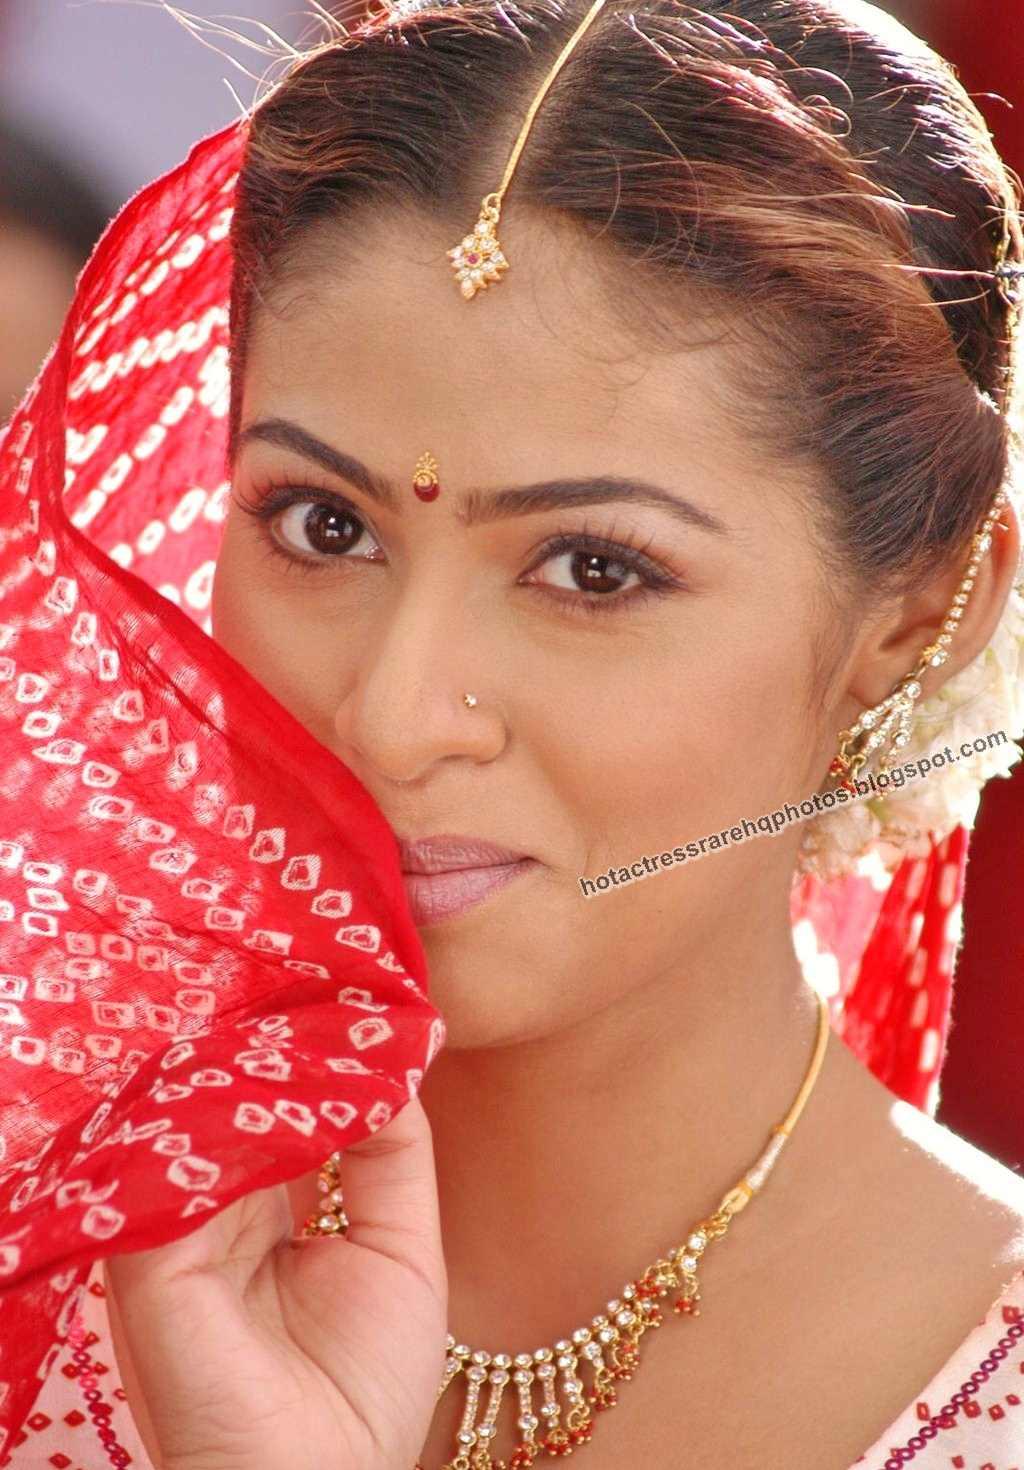 Hot Indian Actress Rare HQ Photos: Hot Tamil Actress Sada ...